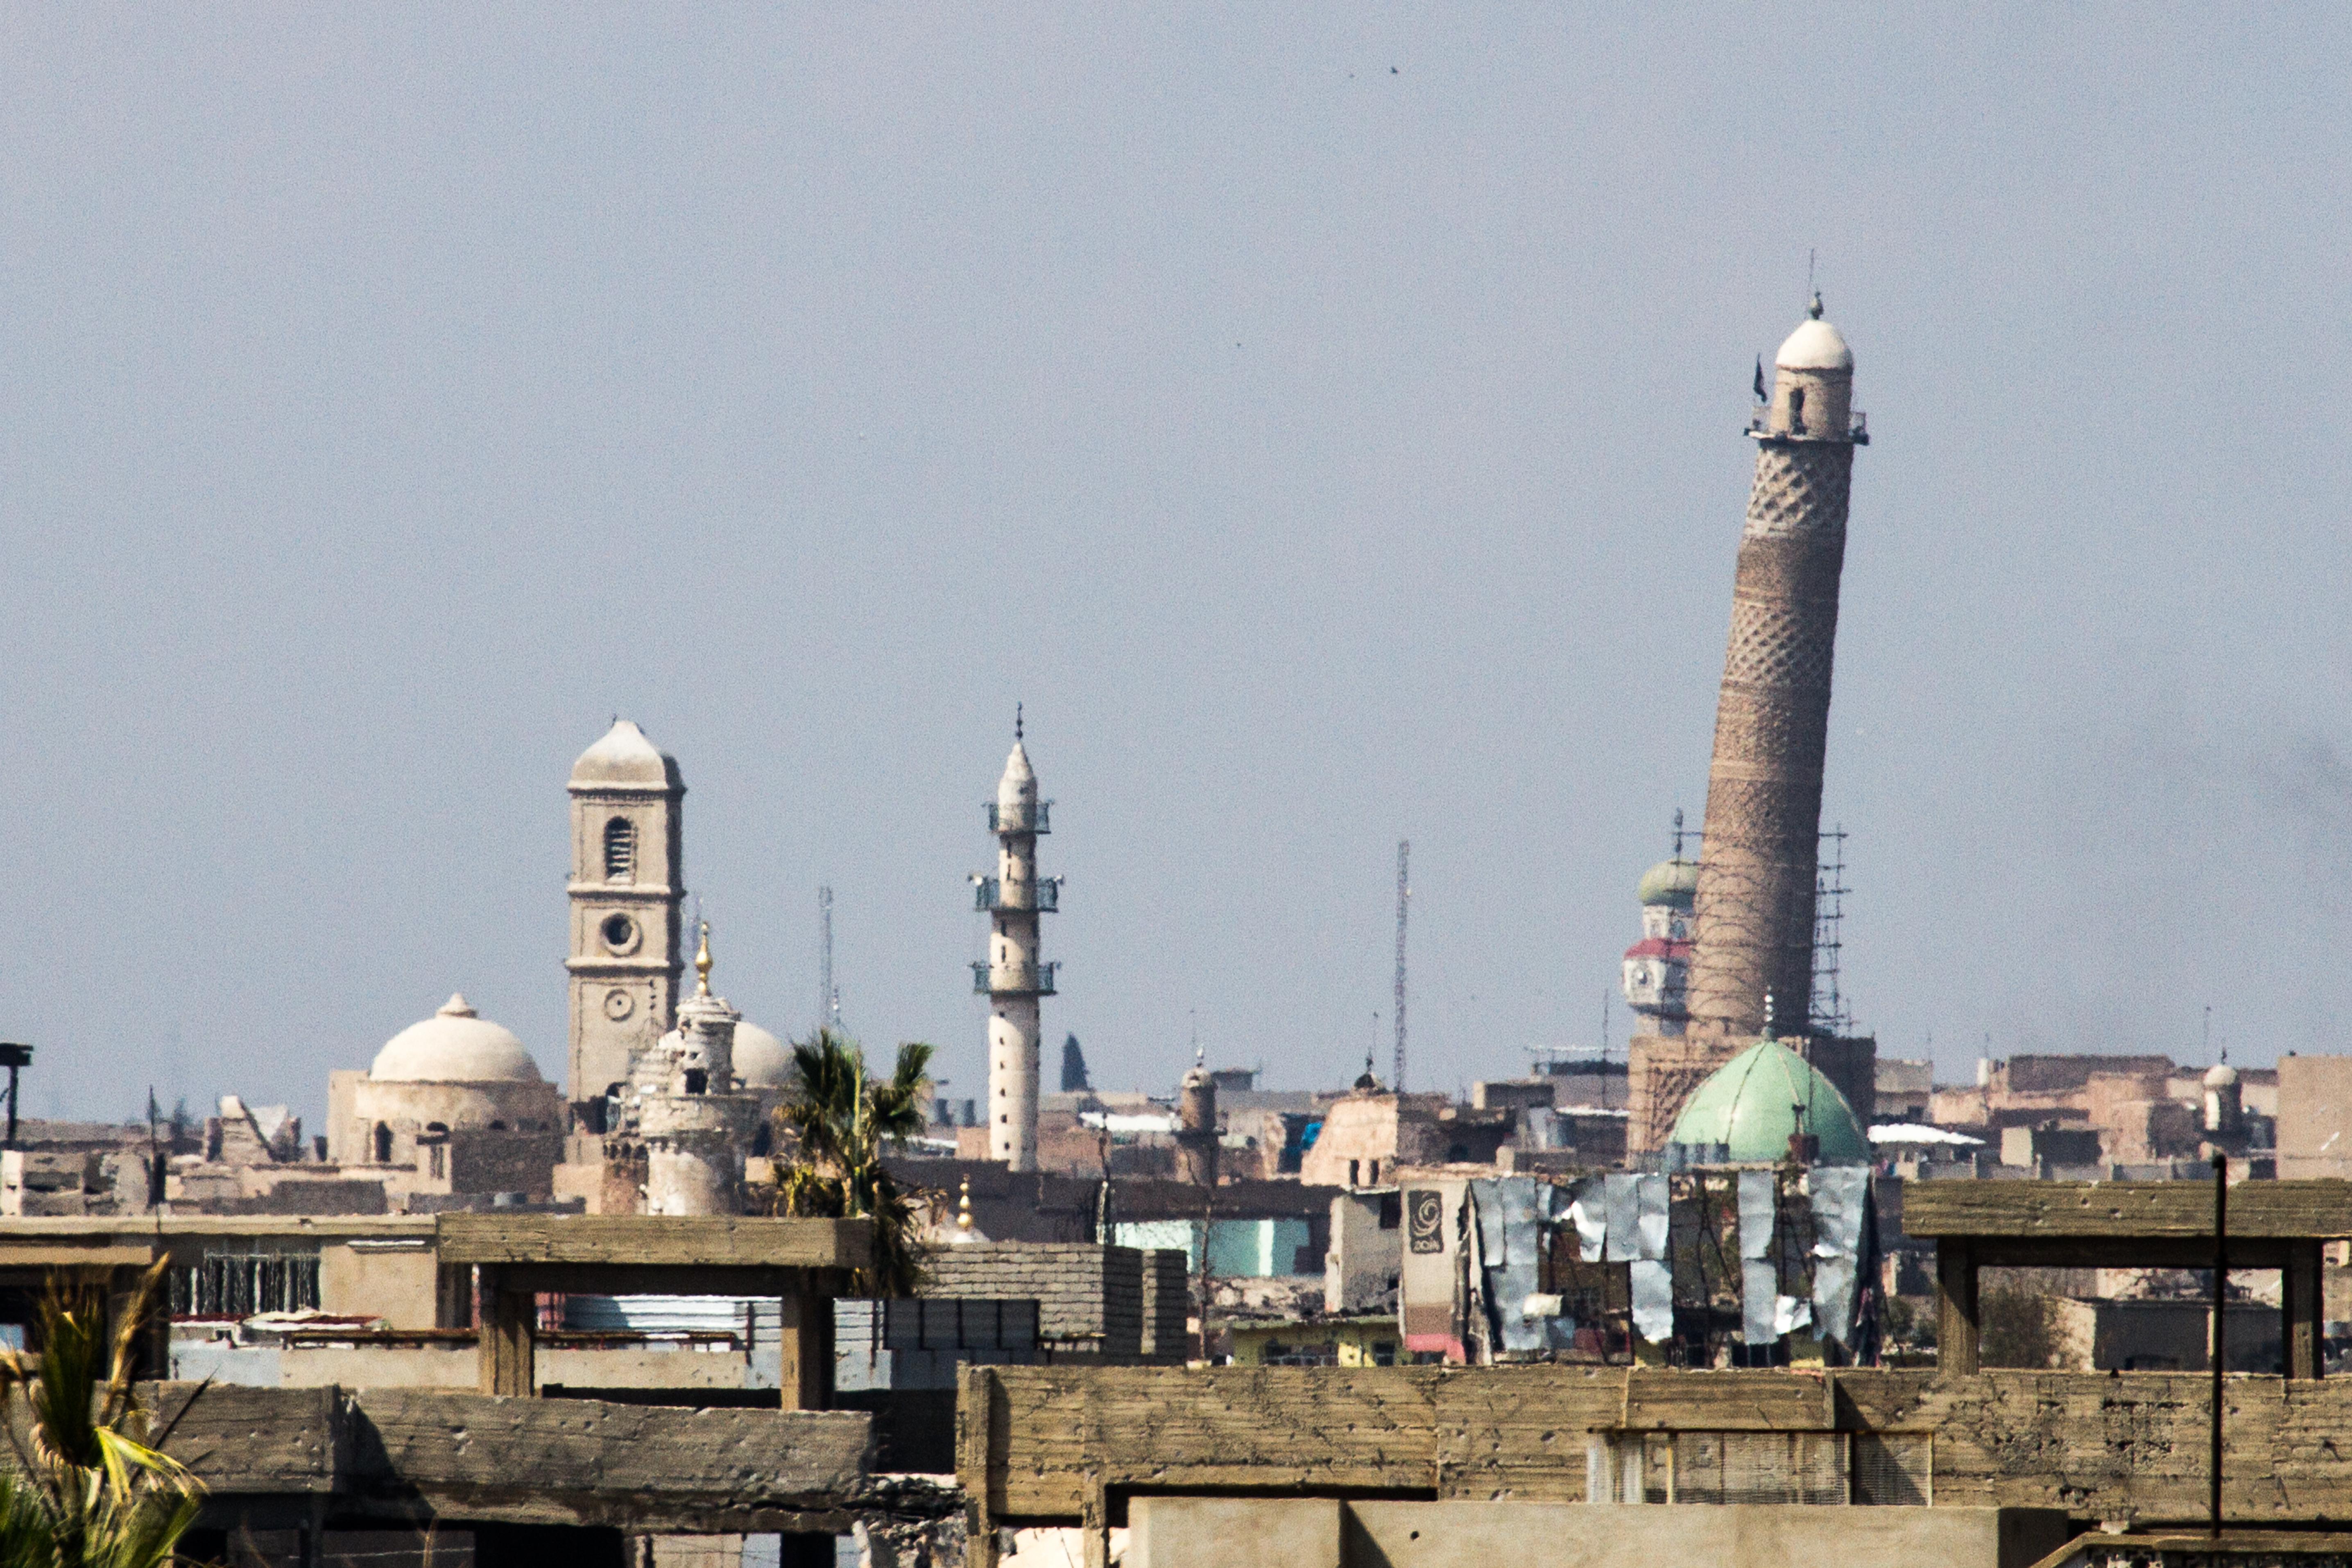 ISIS harcosok felrobbantották a moszuli mecsetet, ahol al-Baghdadi kikiáltotta a kalifátust